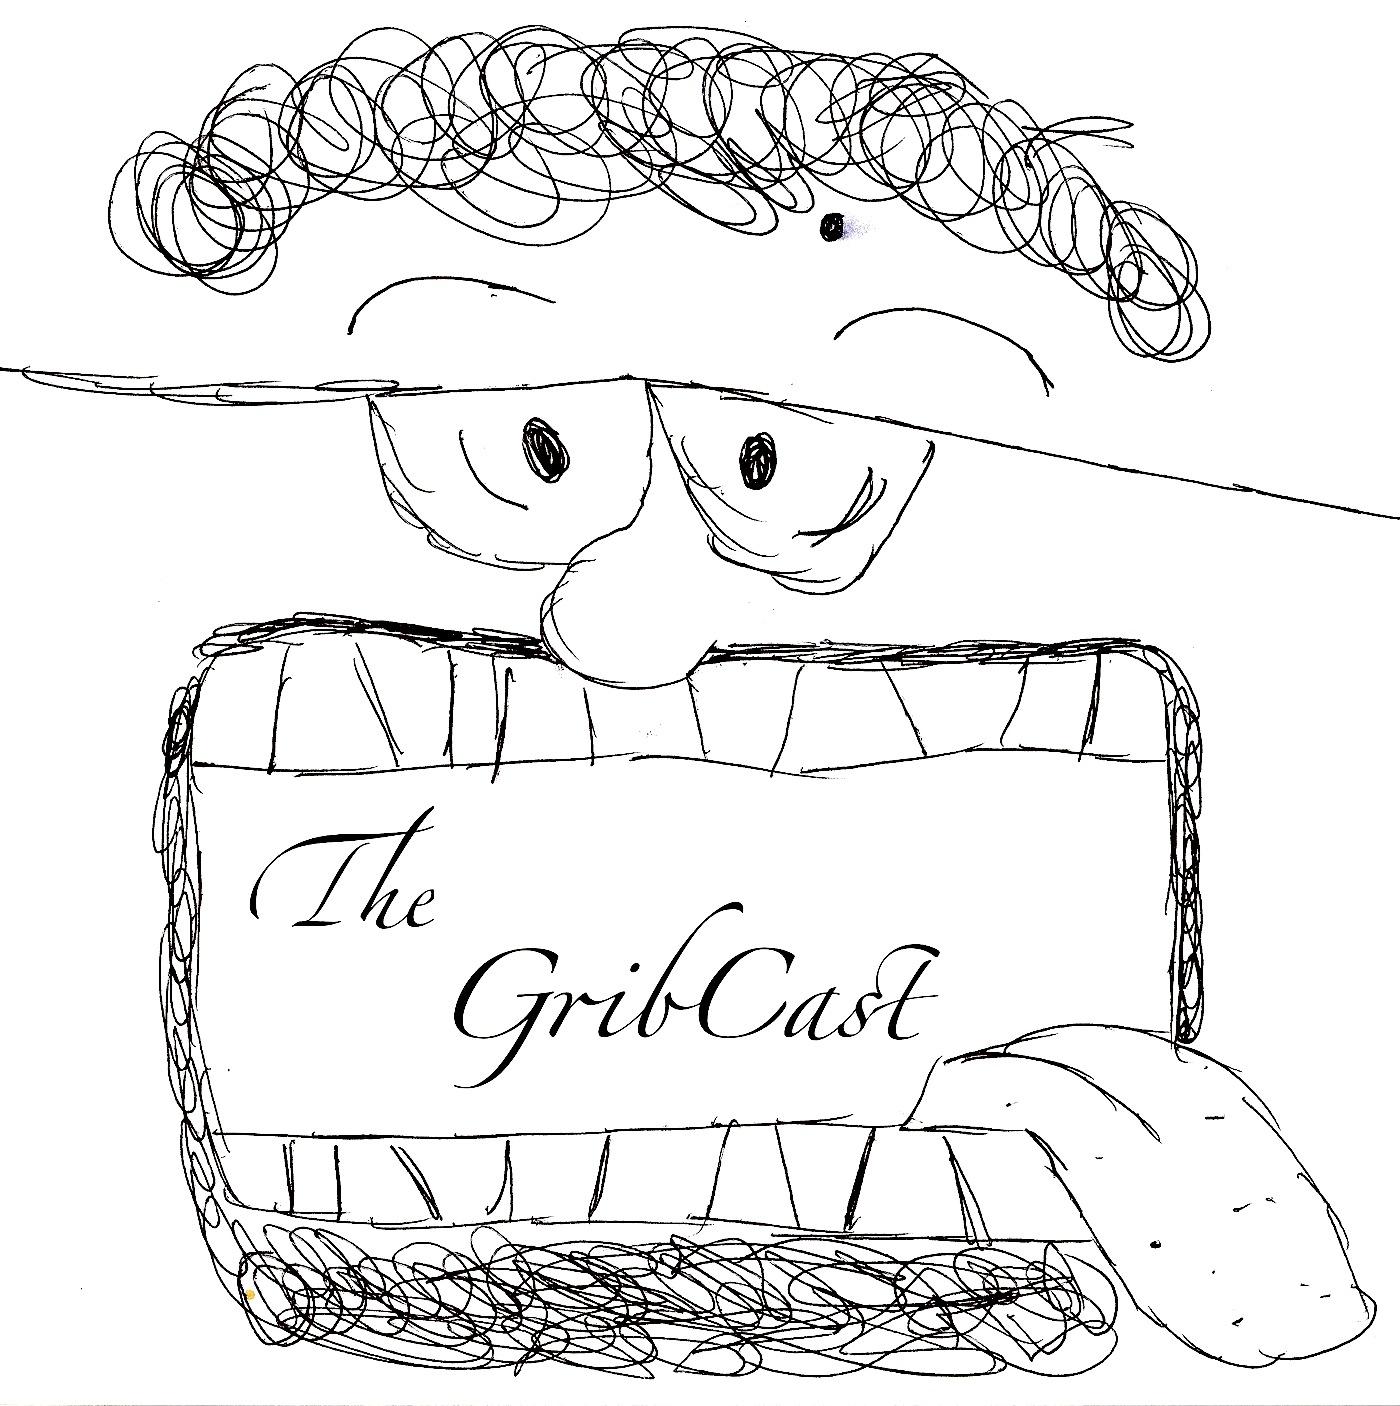 The GribCast show art